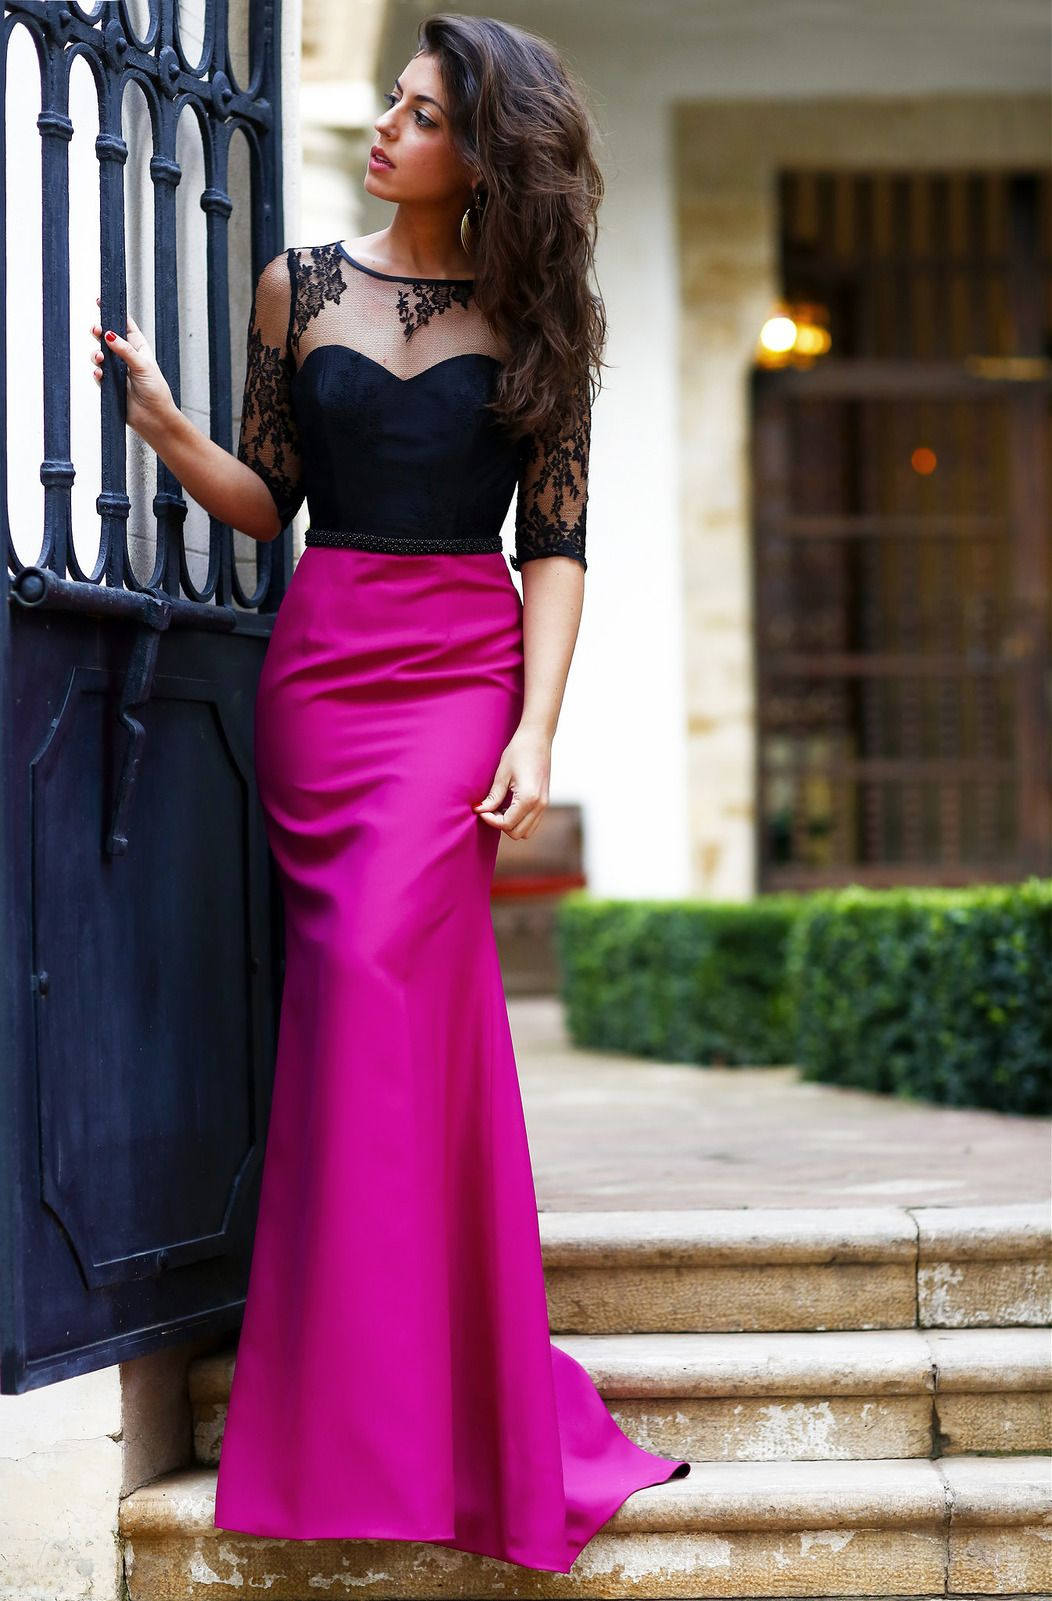 _96B0996 | Vestidos de gala | Pinterest | Vestido de gala, Ropa ...